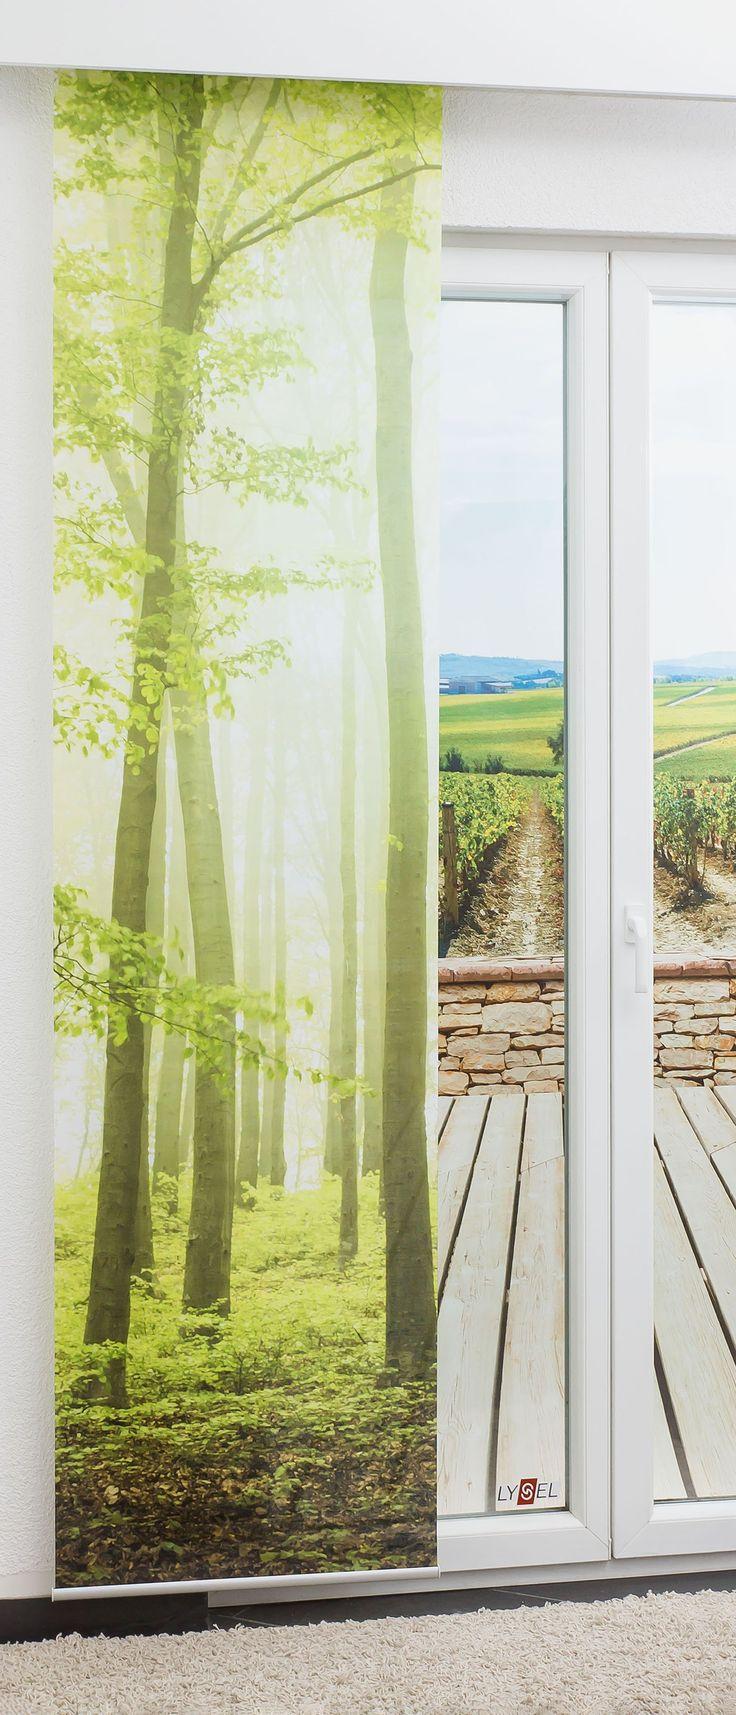 die besten 25 fl chenvorh nge ideen auf pinterest wohnzimmer vorh nge schiebet r vorh nge. Black Bedroom Furniture Sets. Home Design Ideas